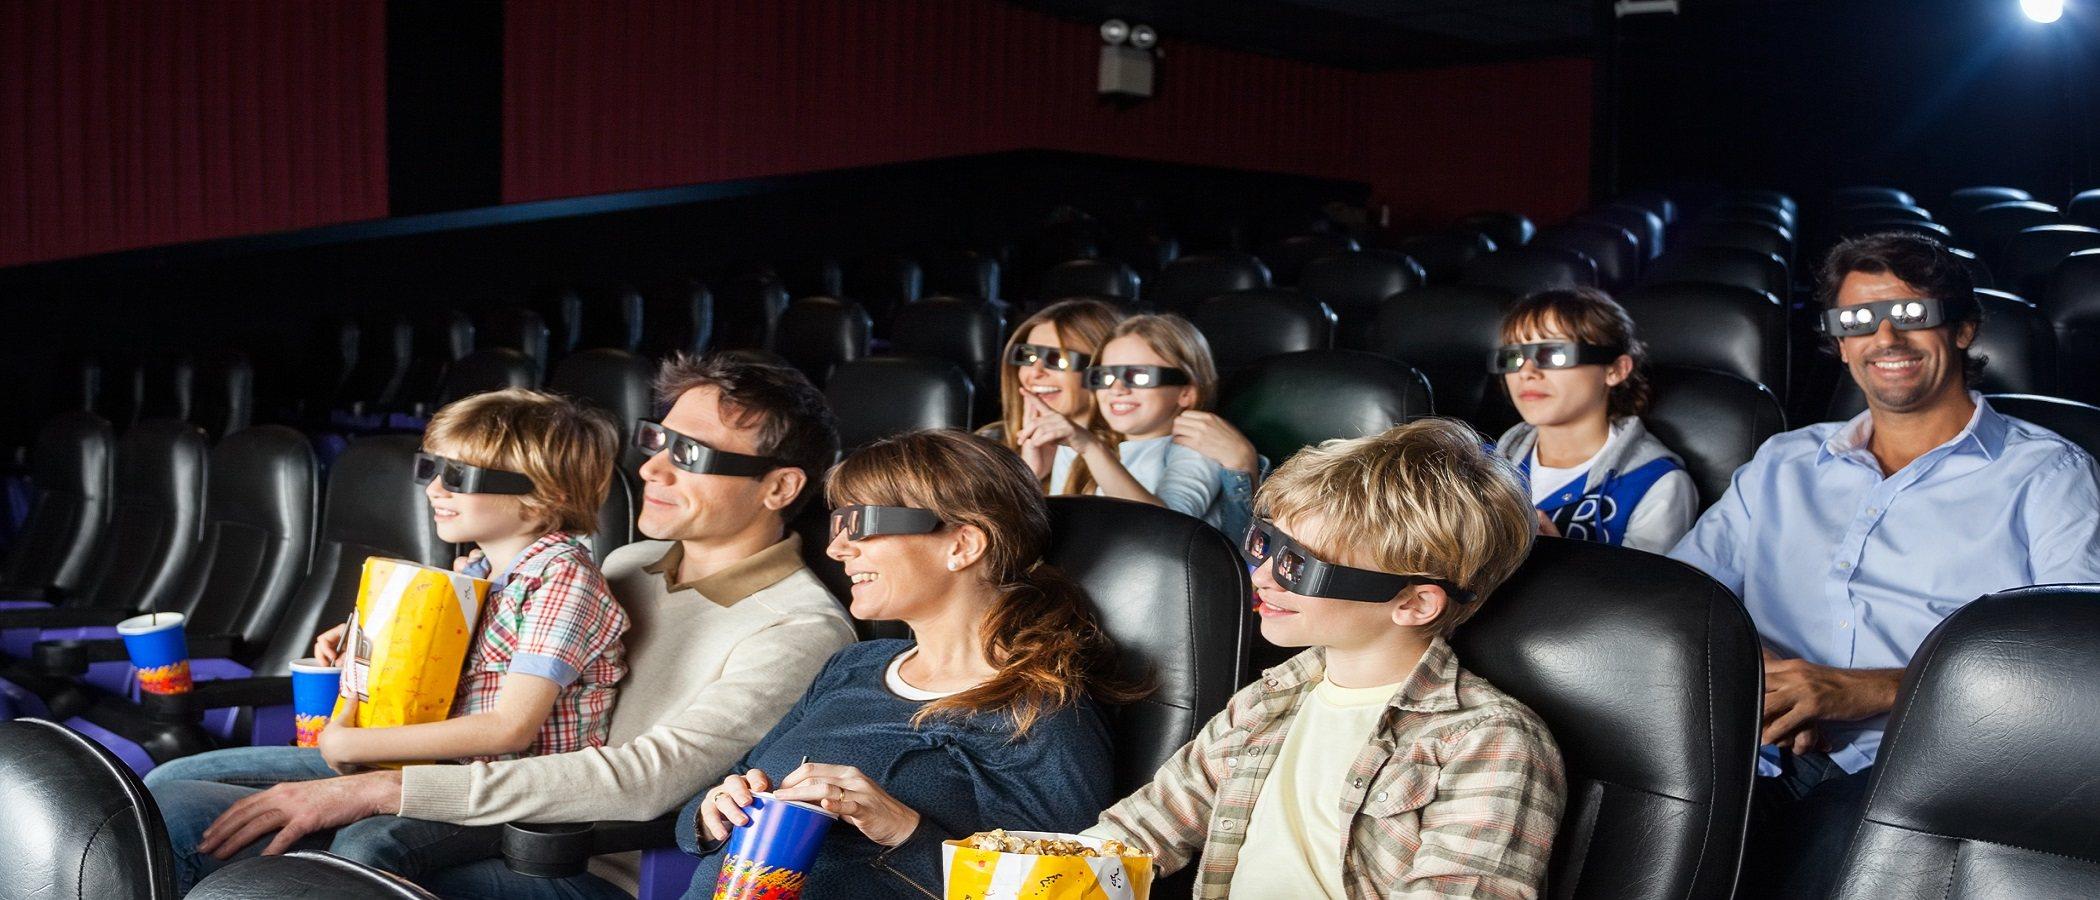 Disfruta de una sesión de cine en familia sin estrés